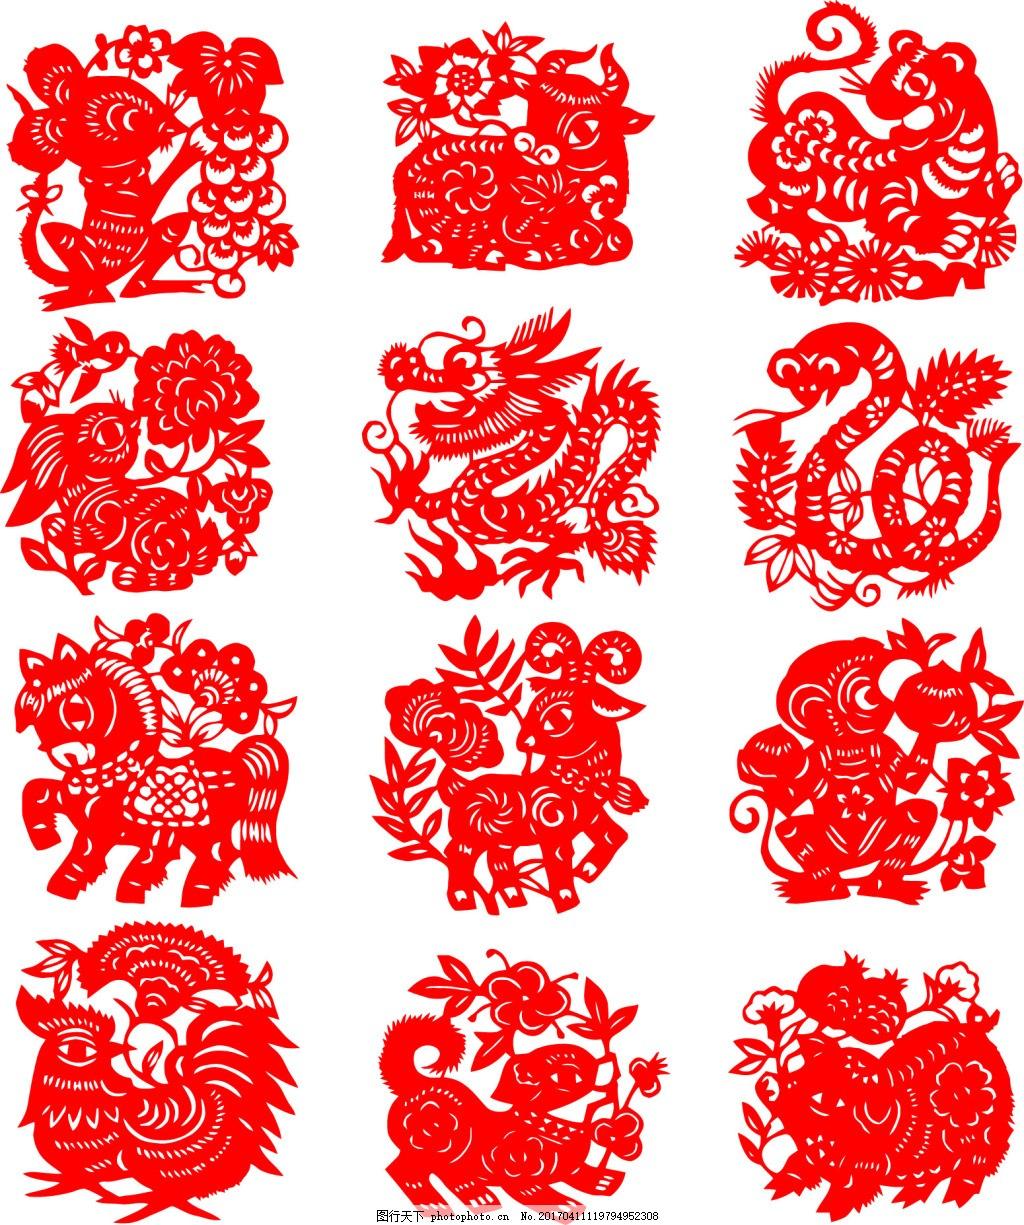 十二生肖剪纸方法_十二生肖剪纸